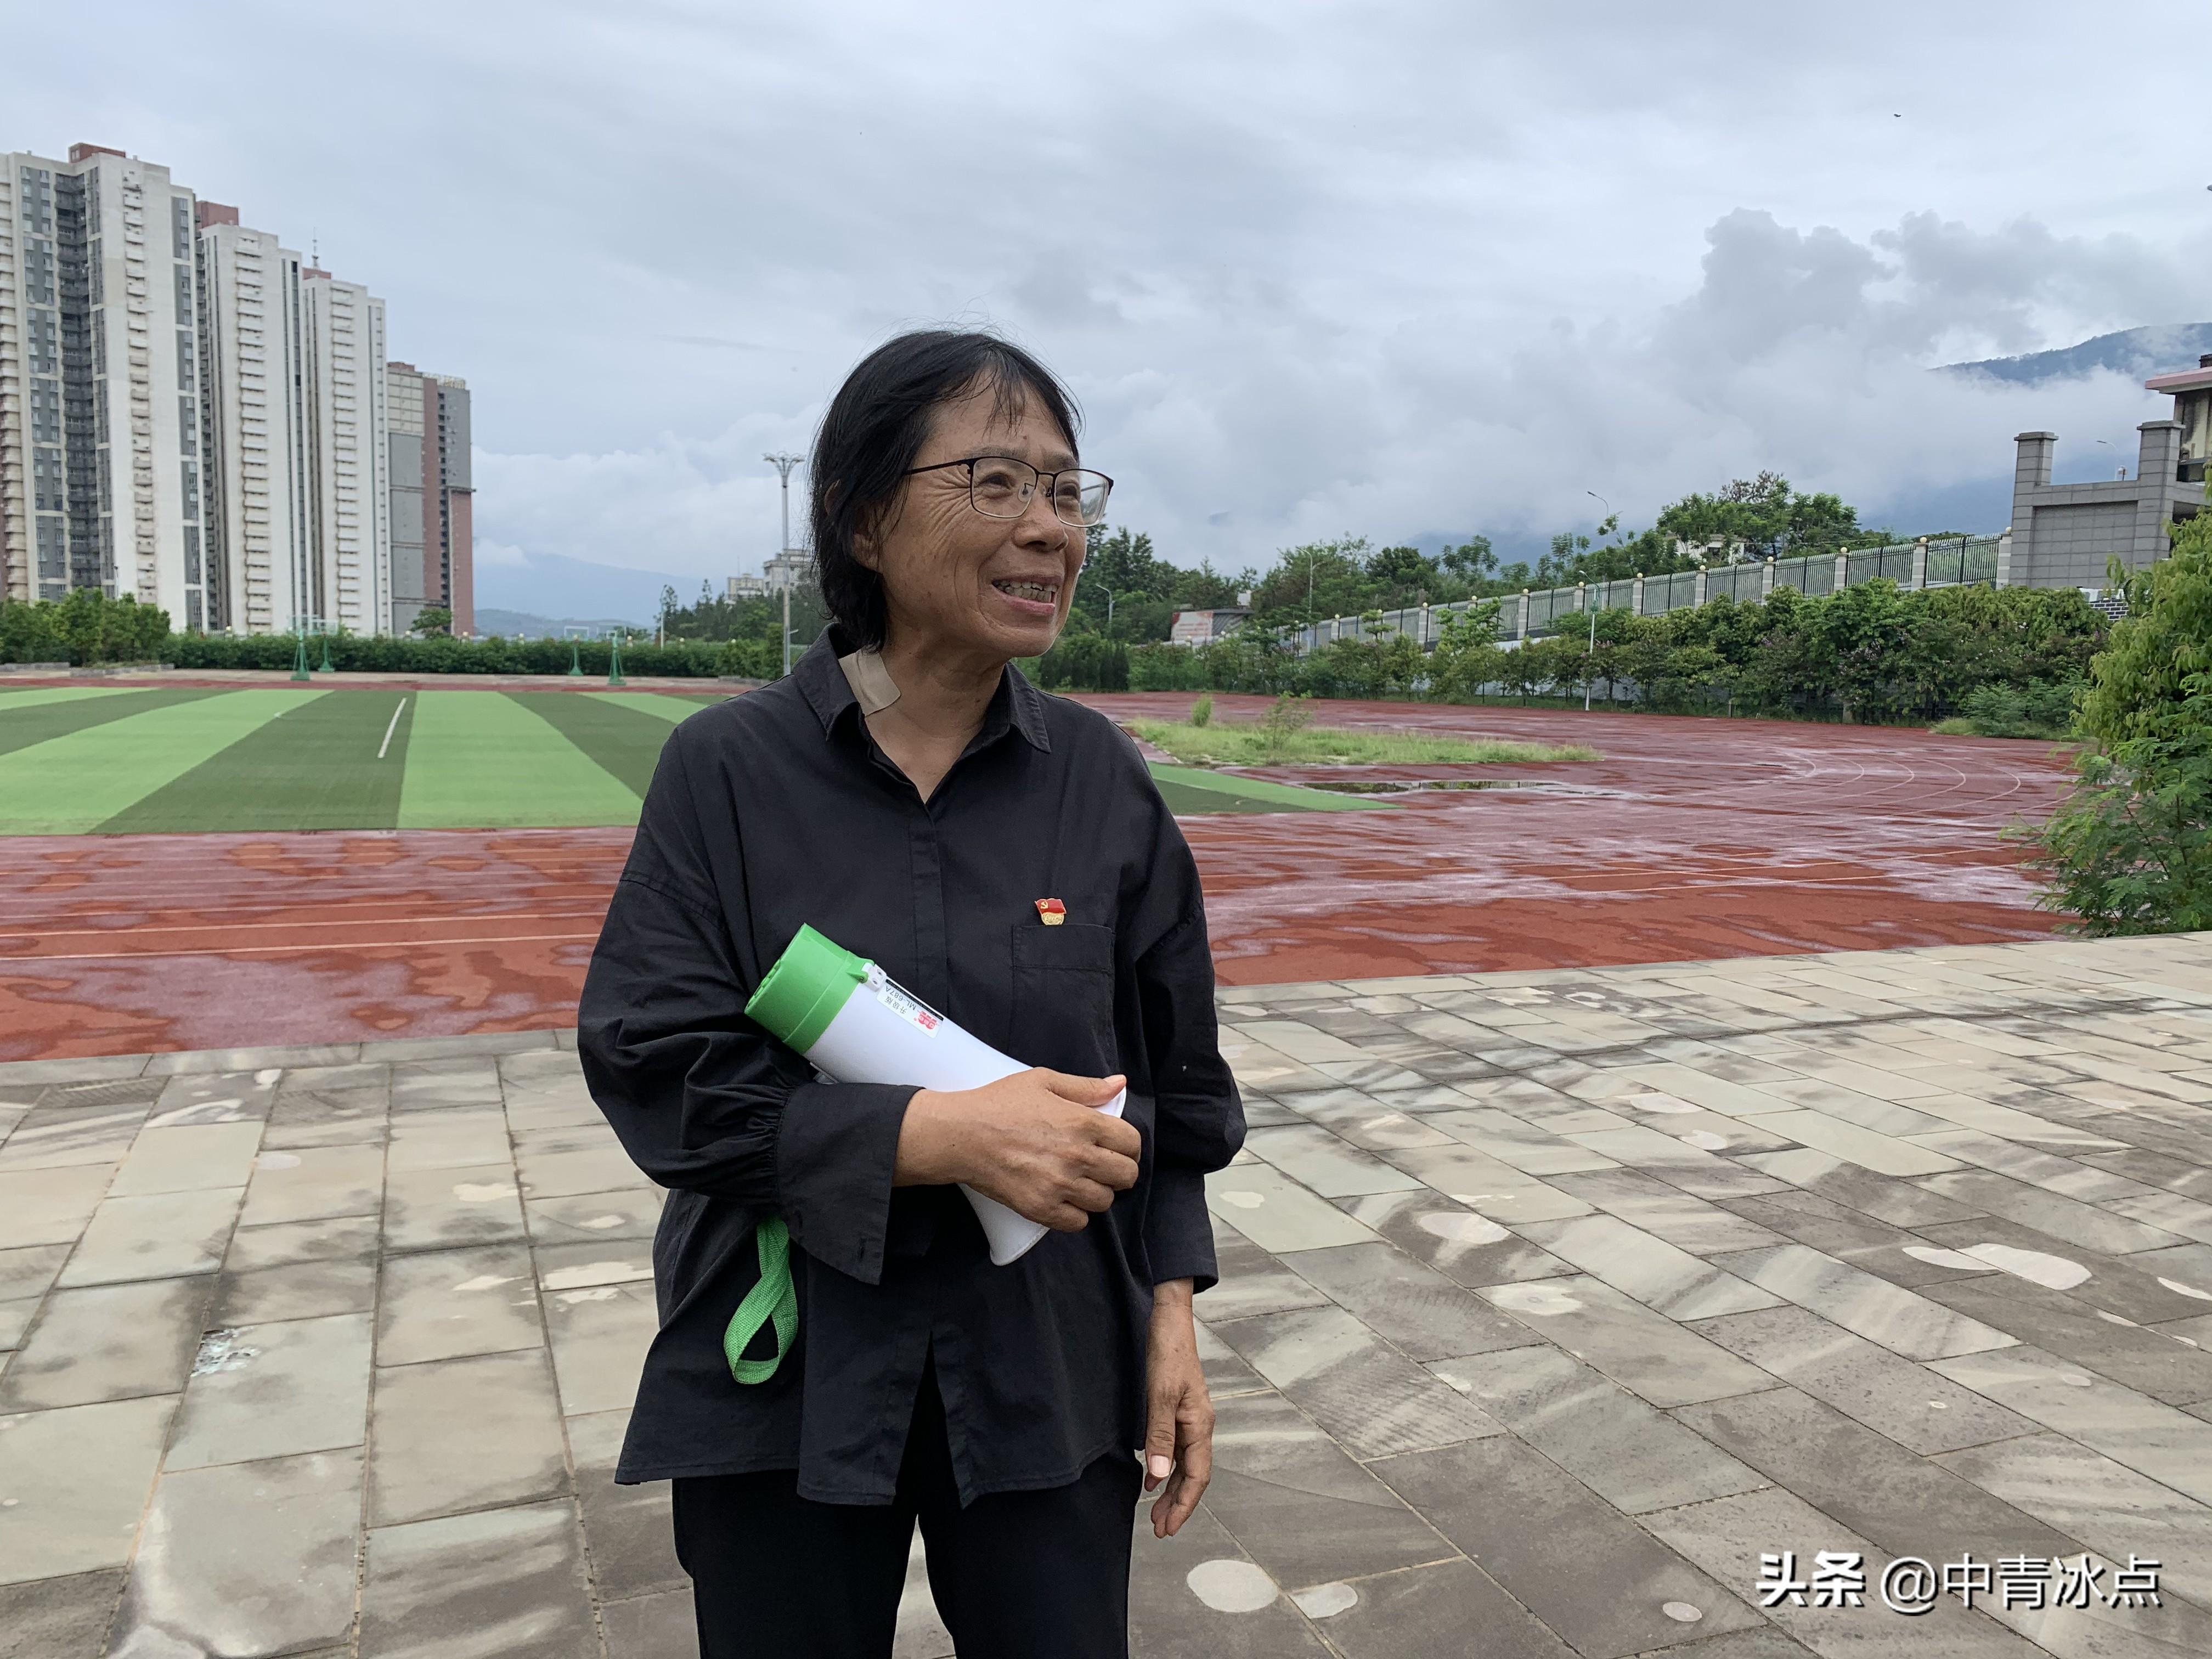 """衡中的毕业生采访了3位校长:将女孩送出大山的张桂梅、从东部到贵州支教的陈立群,他们认同""""衡水模式""""吗"""